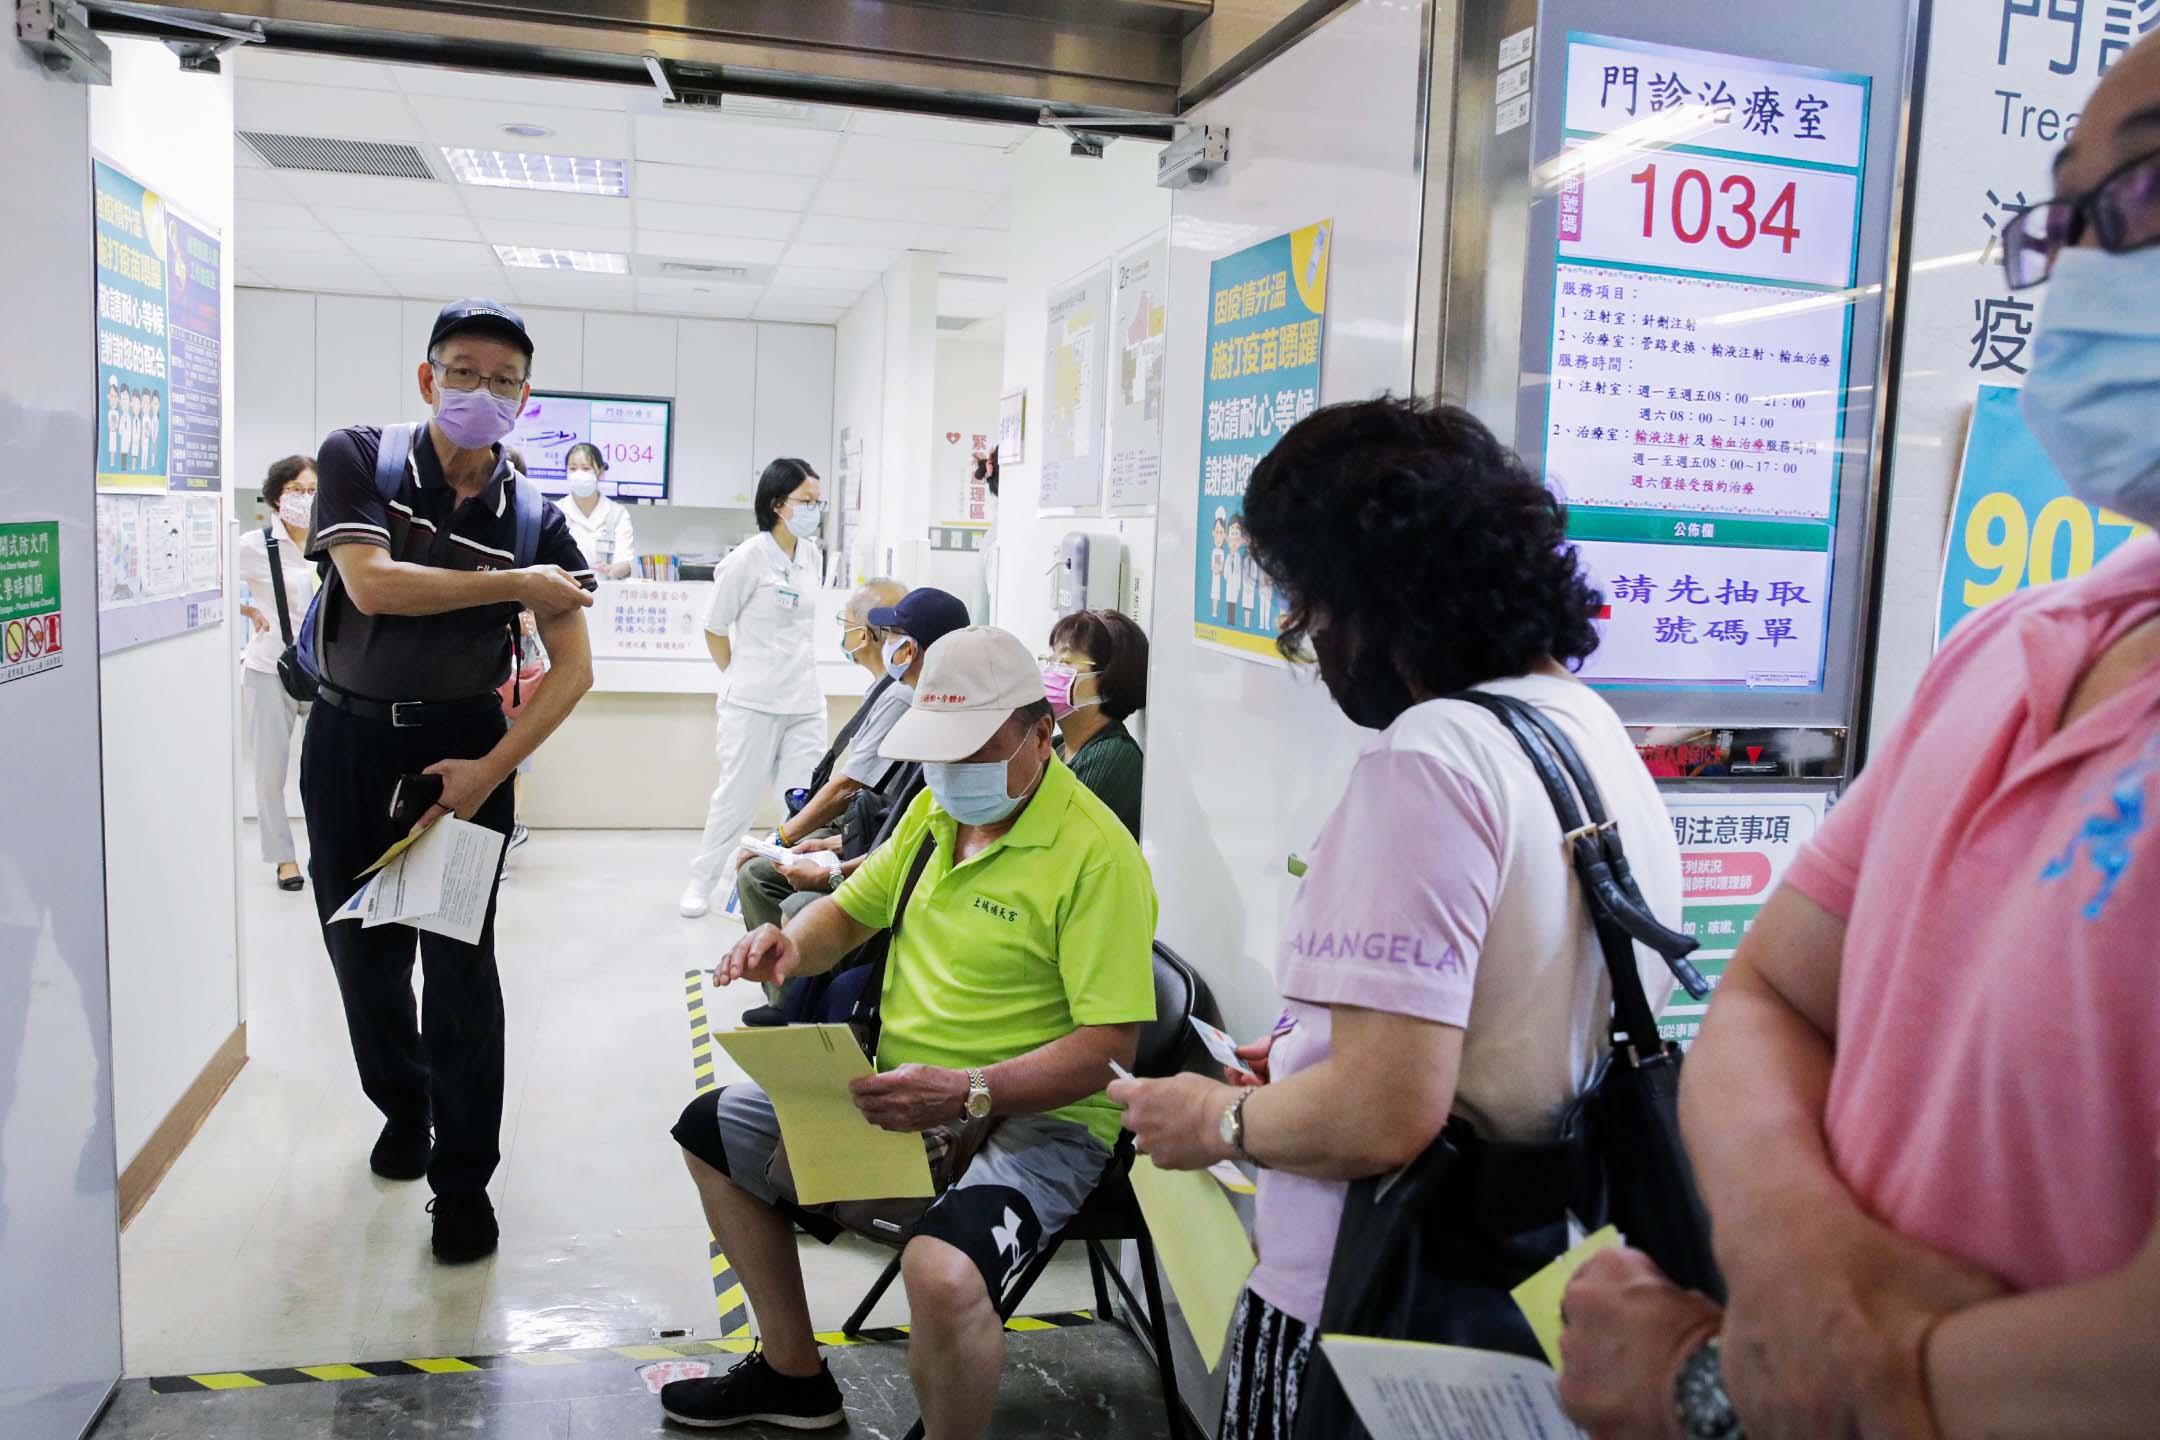 2021年5月13日台灣新北市,人們在醫院設立的疫苗接種中心排隊等候。 攝: I-Hwa Cheng/Bloomberg via Getty Images